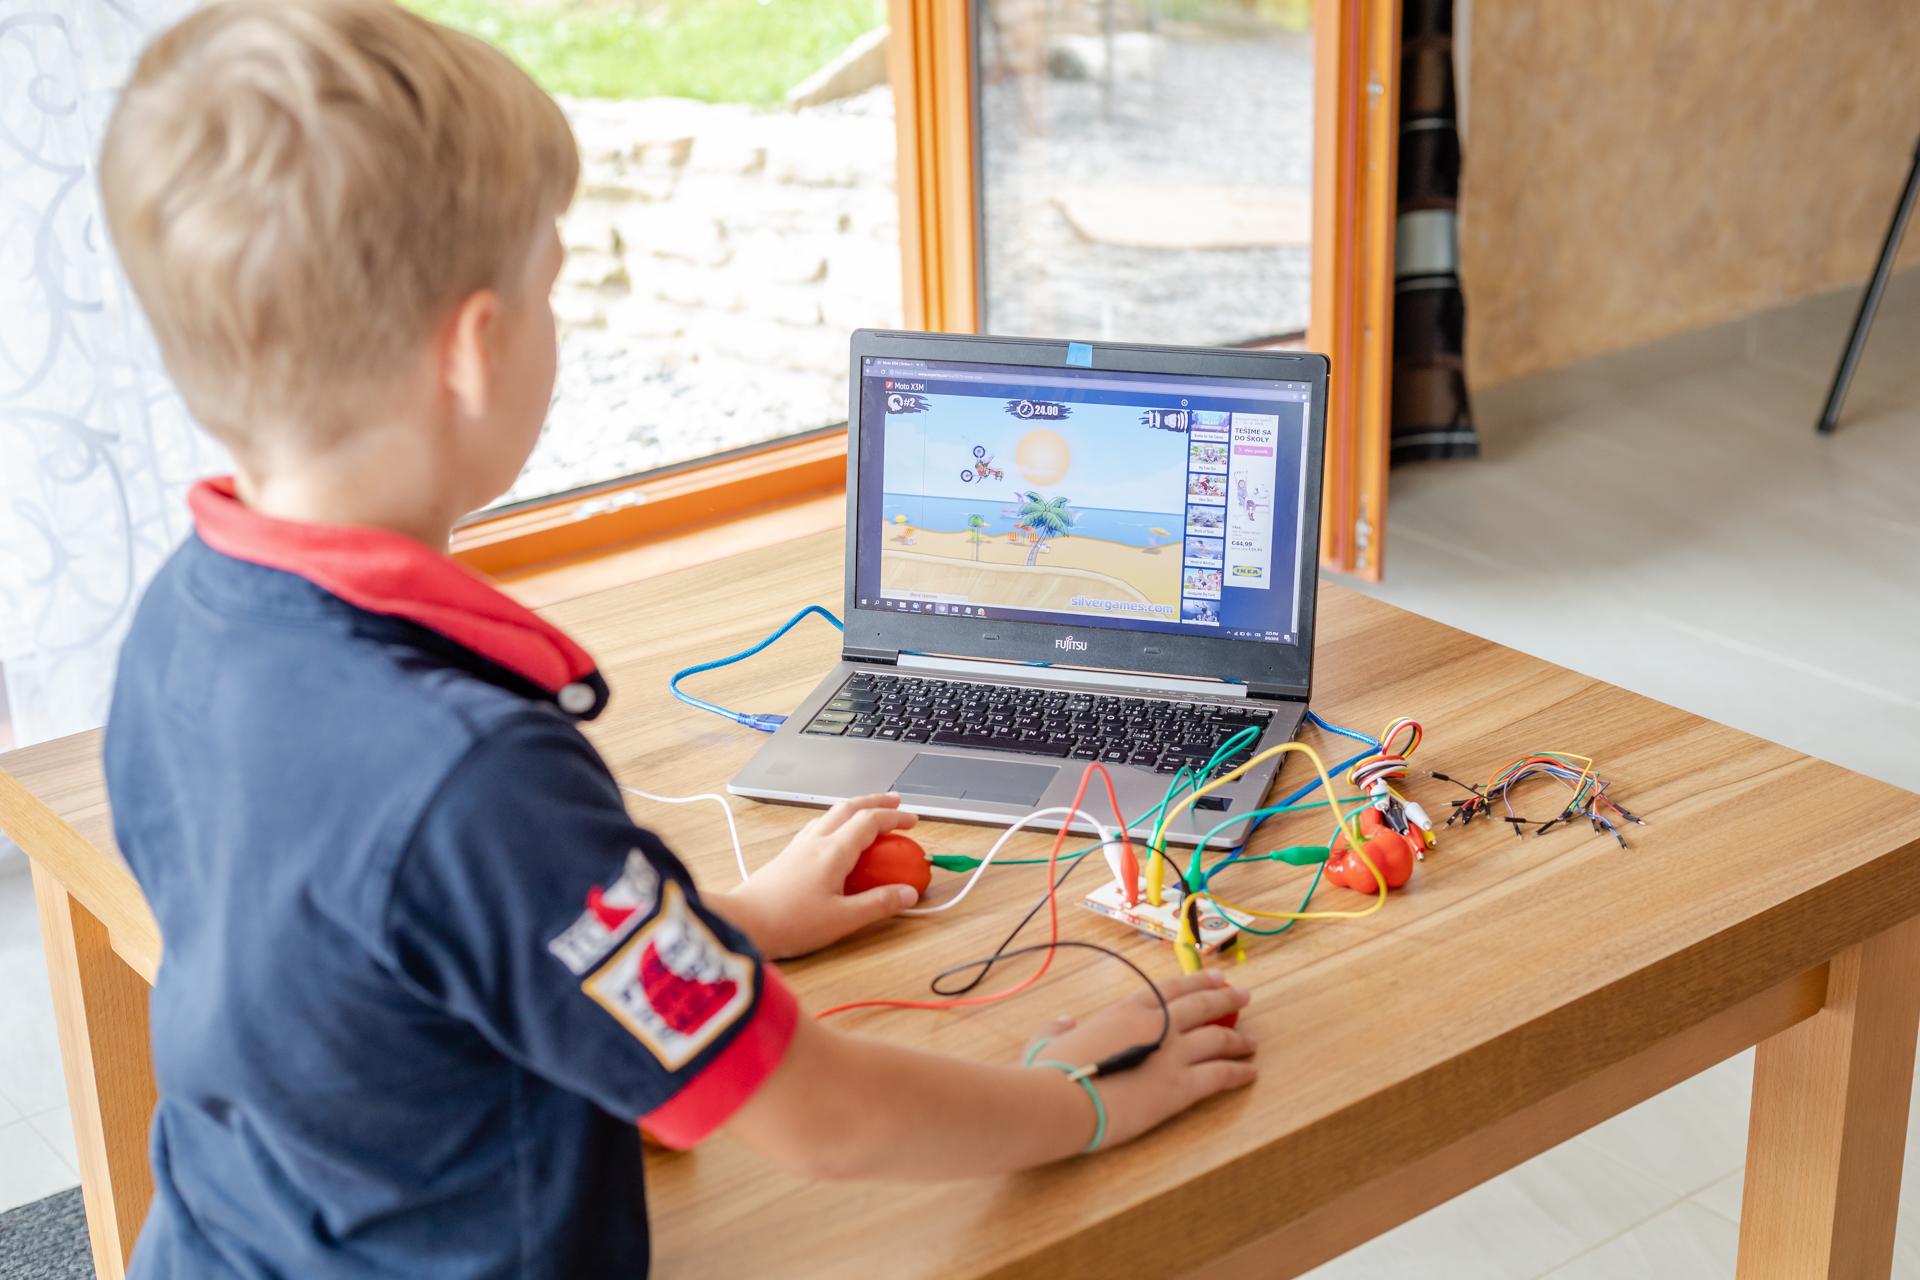 Obrázek: Piano z banánů? Chytrá sada pro ovládání počítače učí děti základy elektrotechniky